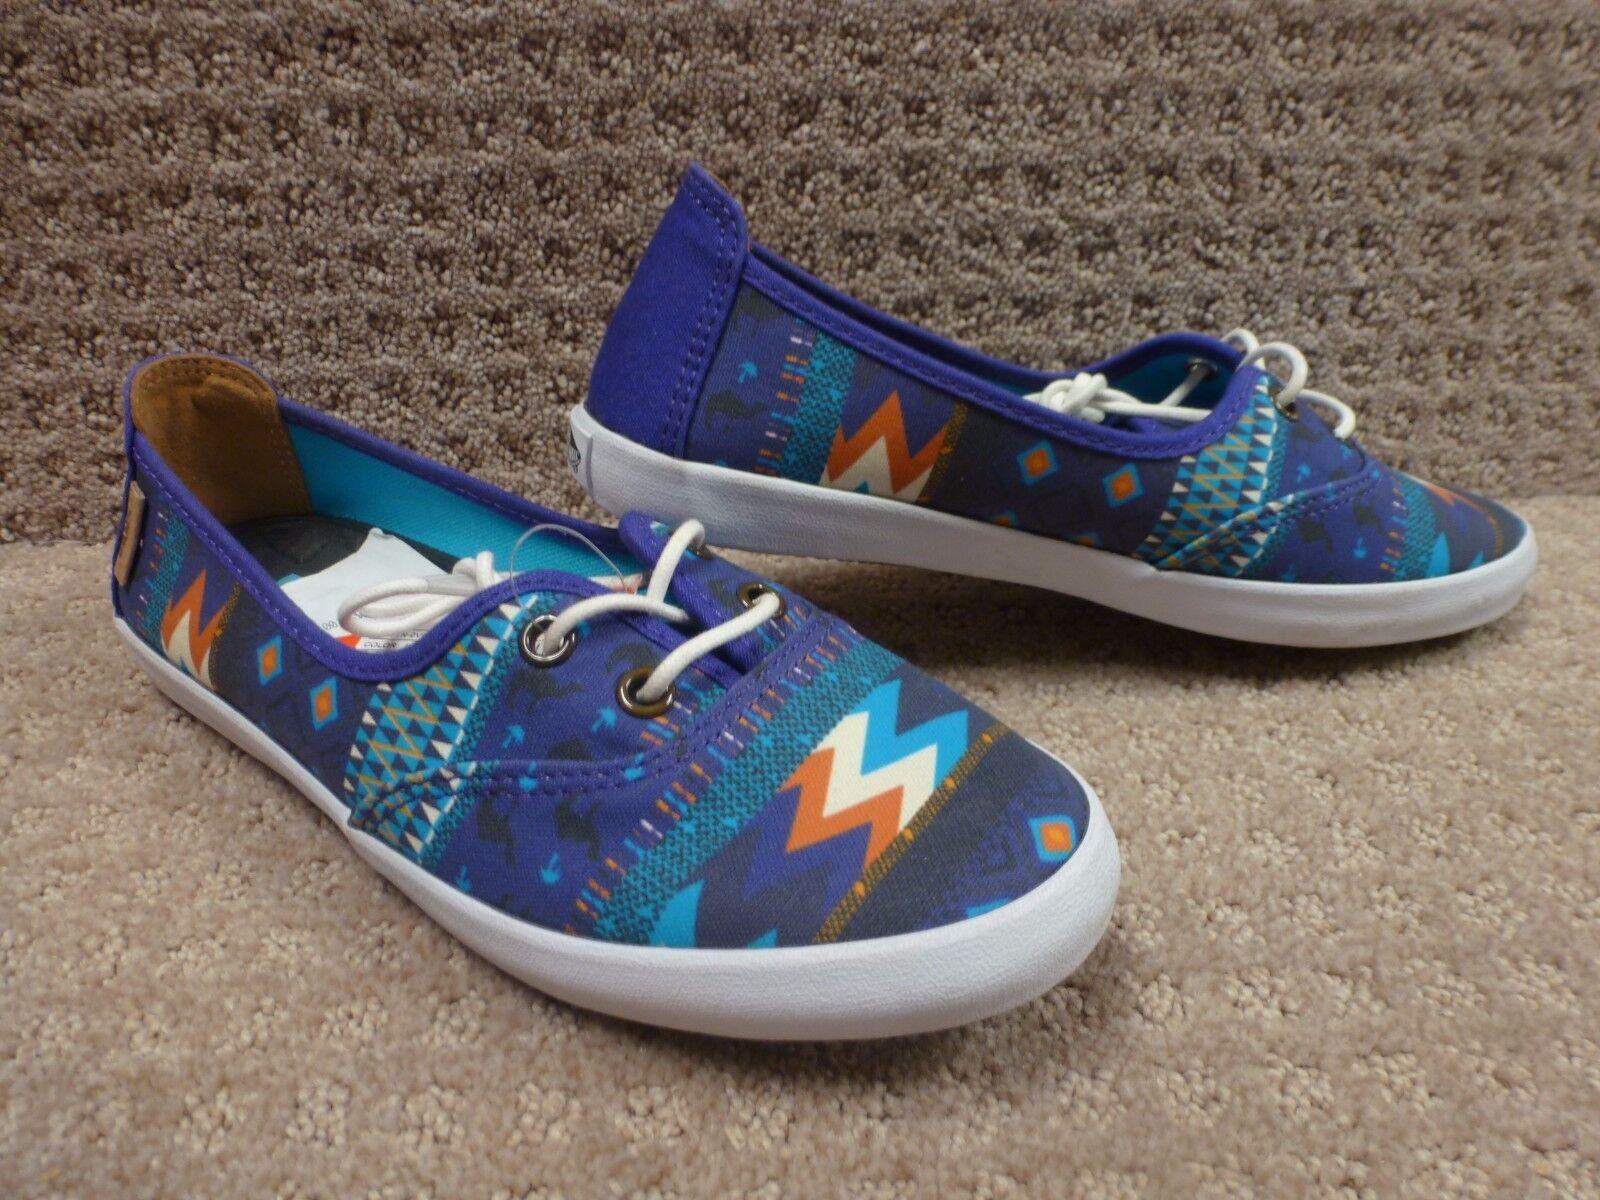 Vans Men's shoes  Solana  -- (Leila) Deep bluee White , Size 4.5